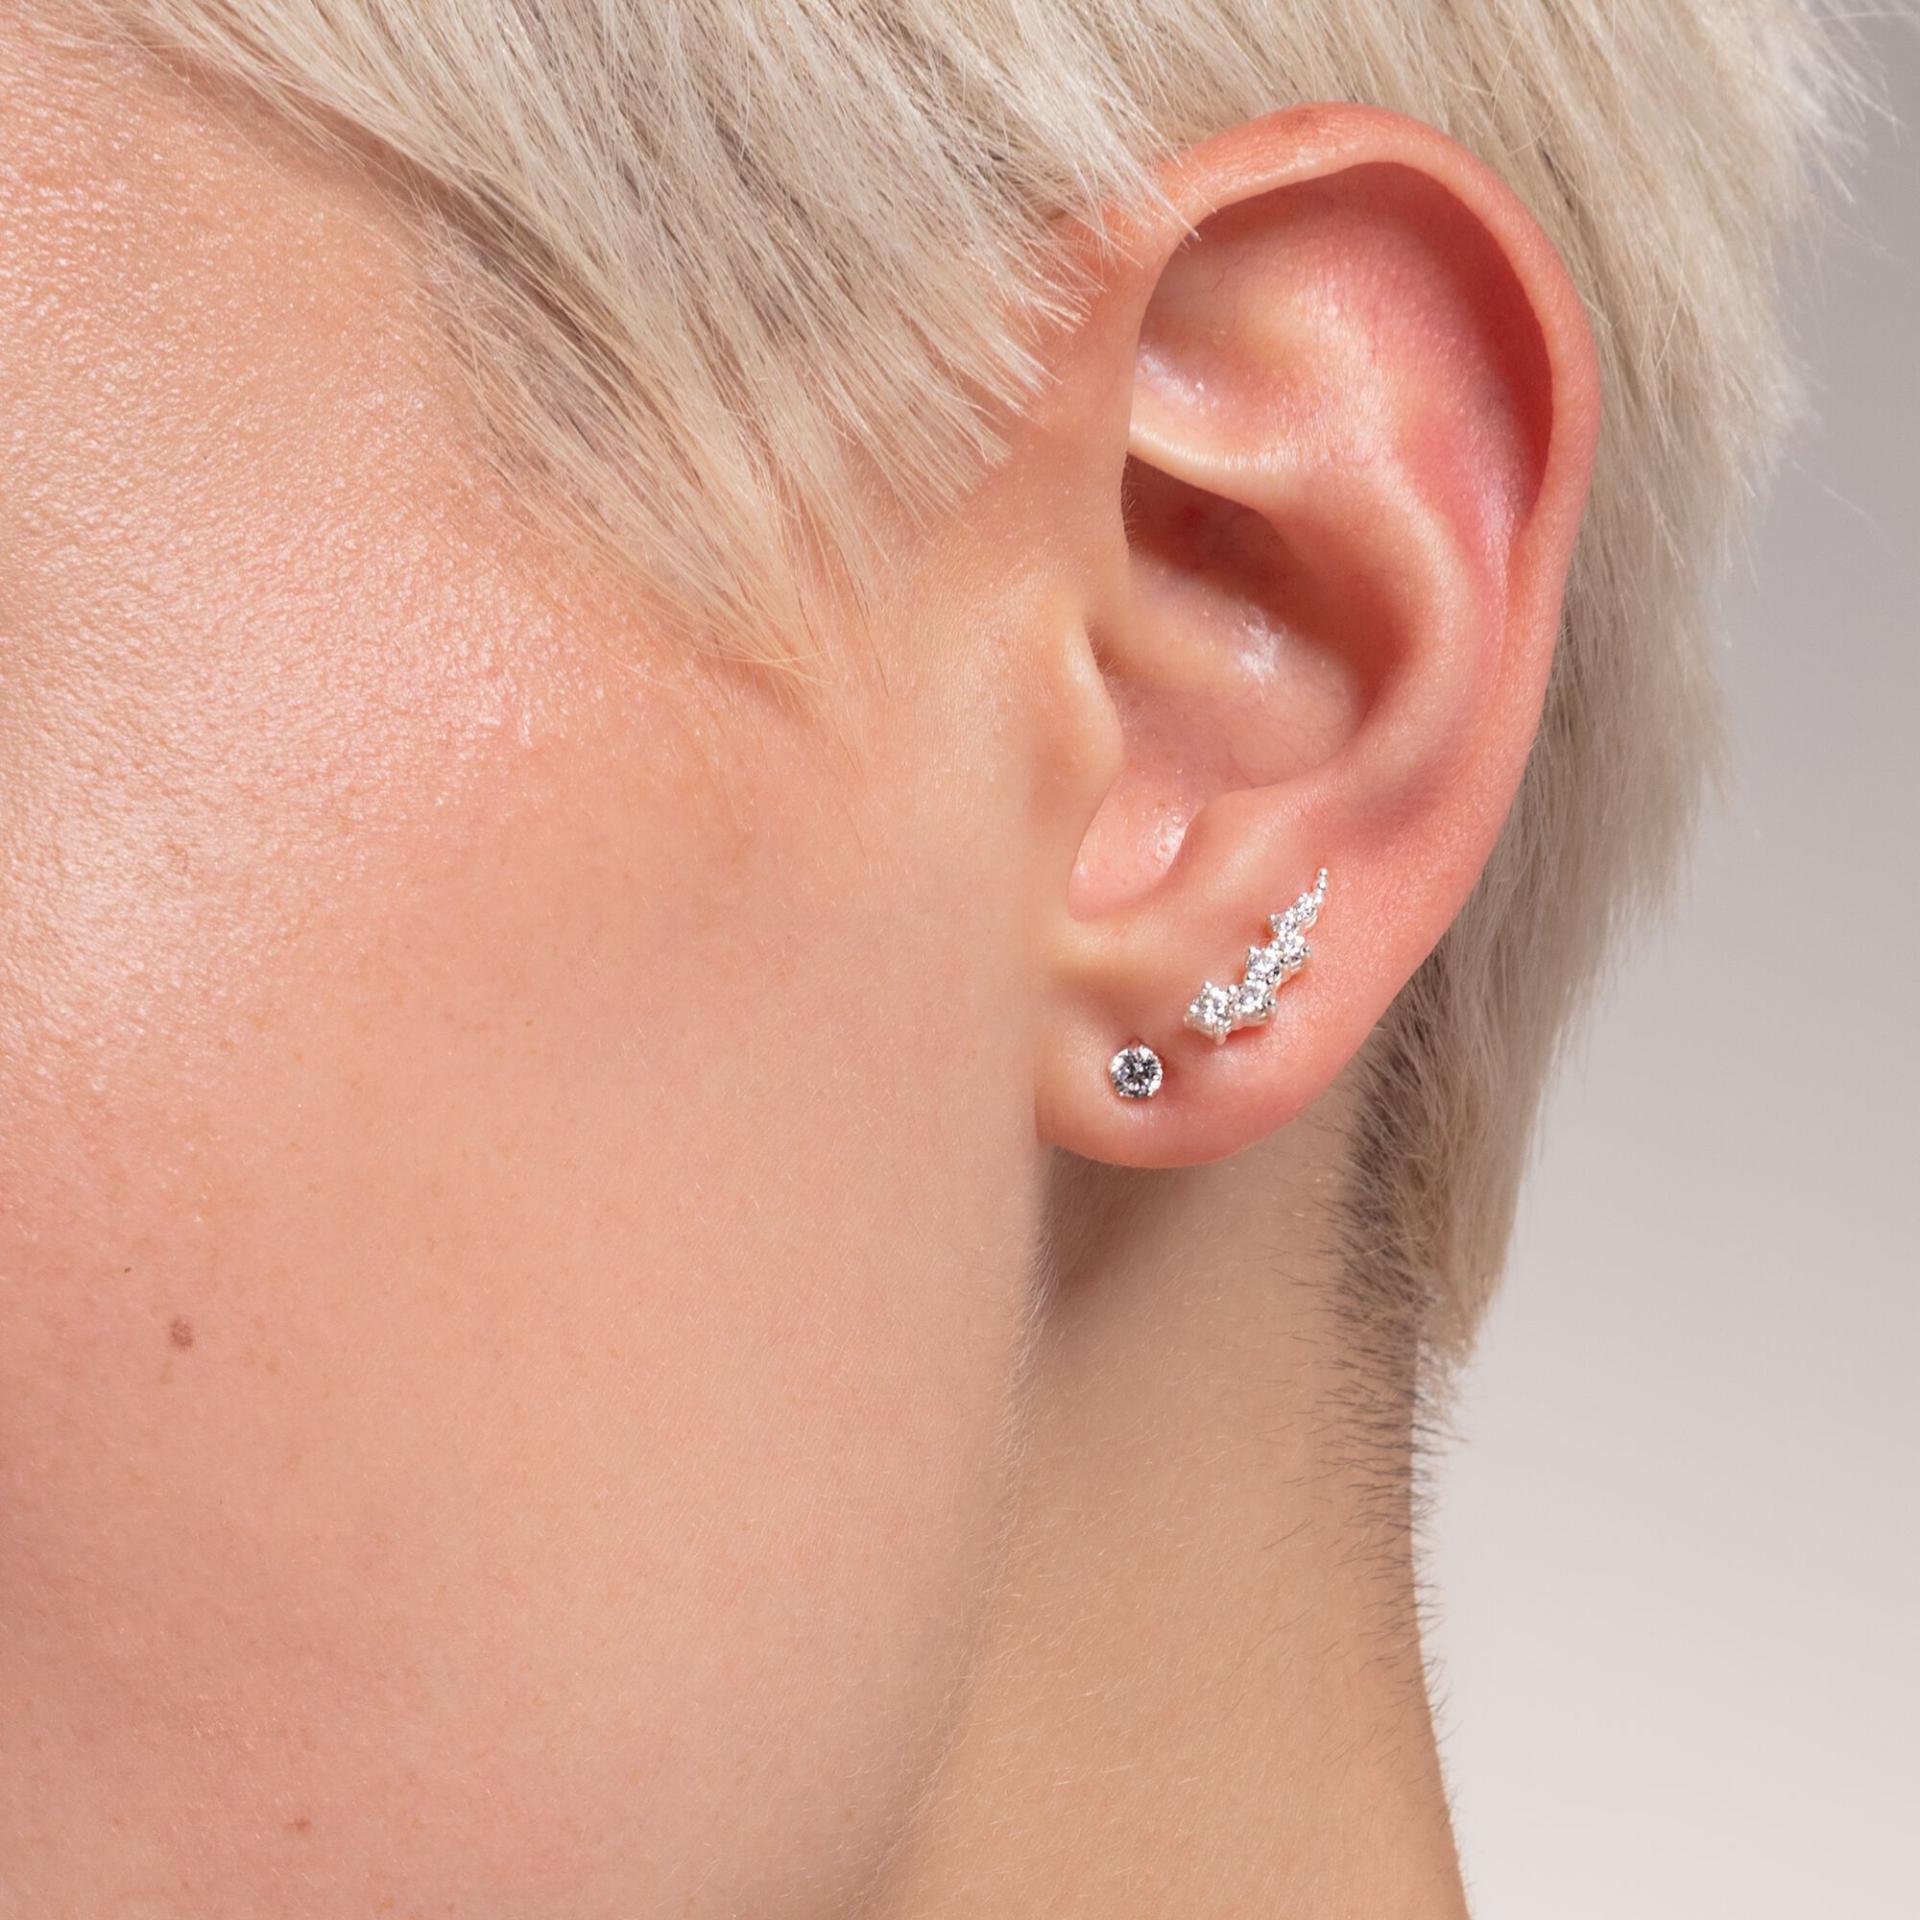 Clou d'oreille unique, pierre blanche et argent, Thomas Sabo